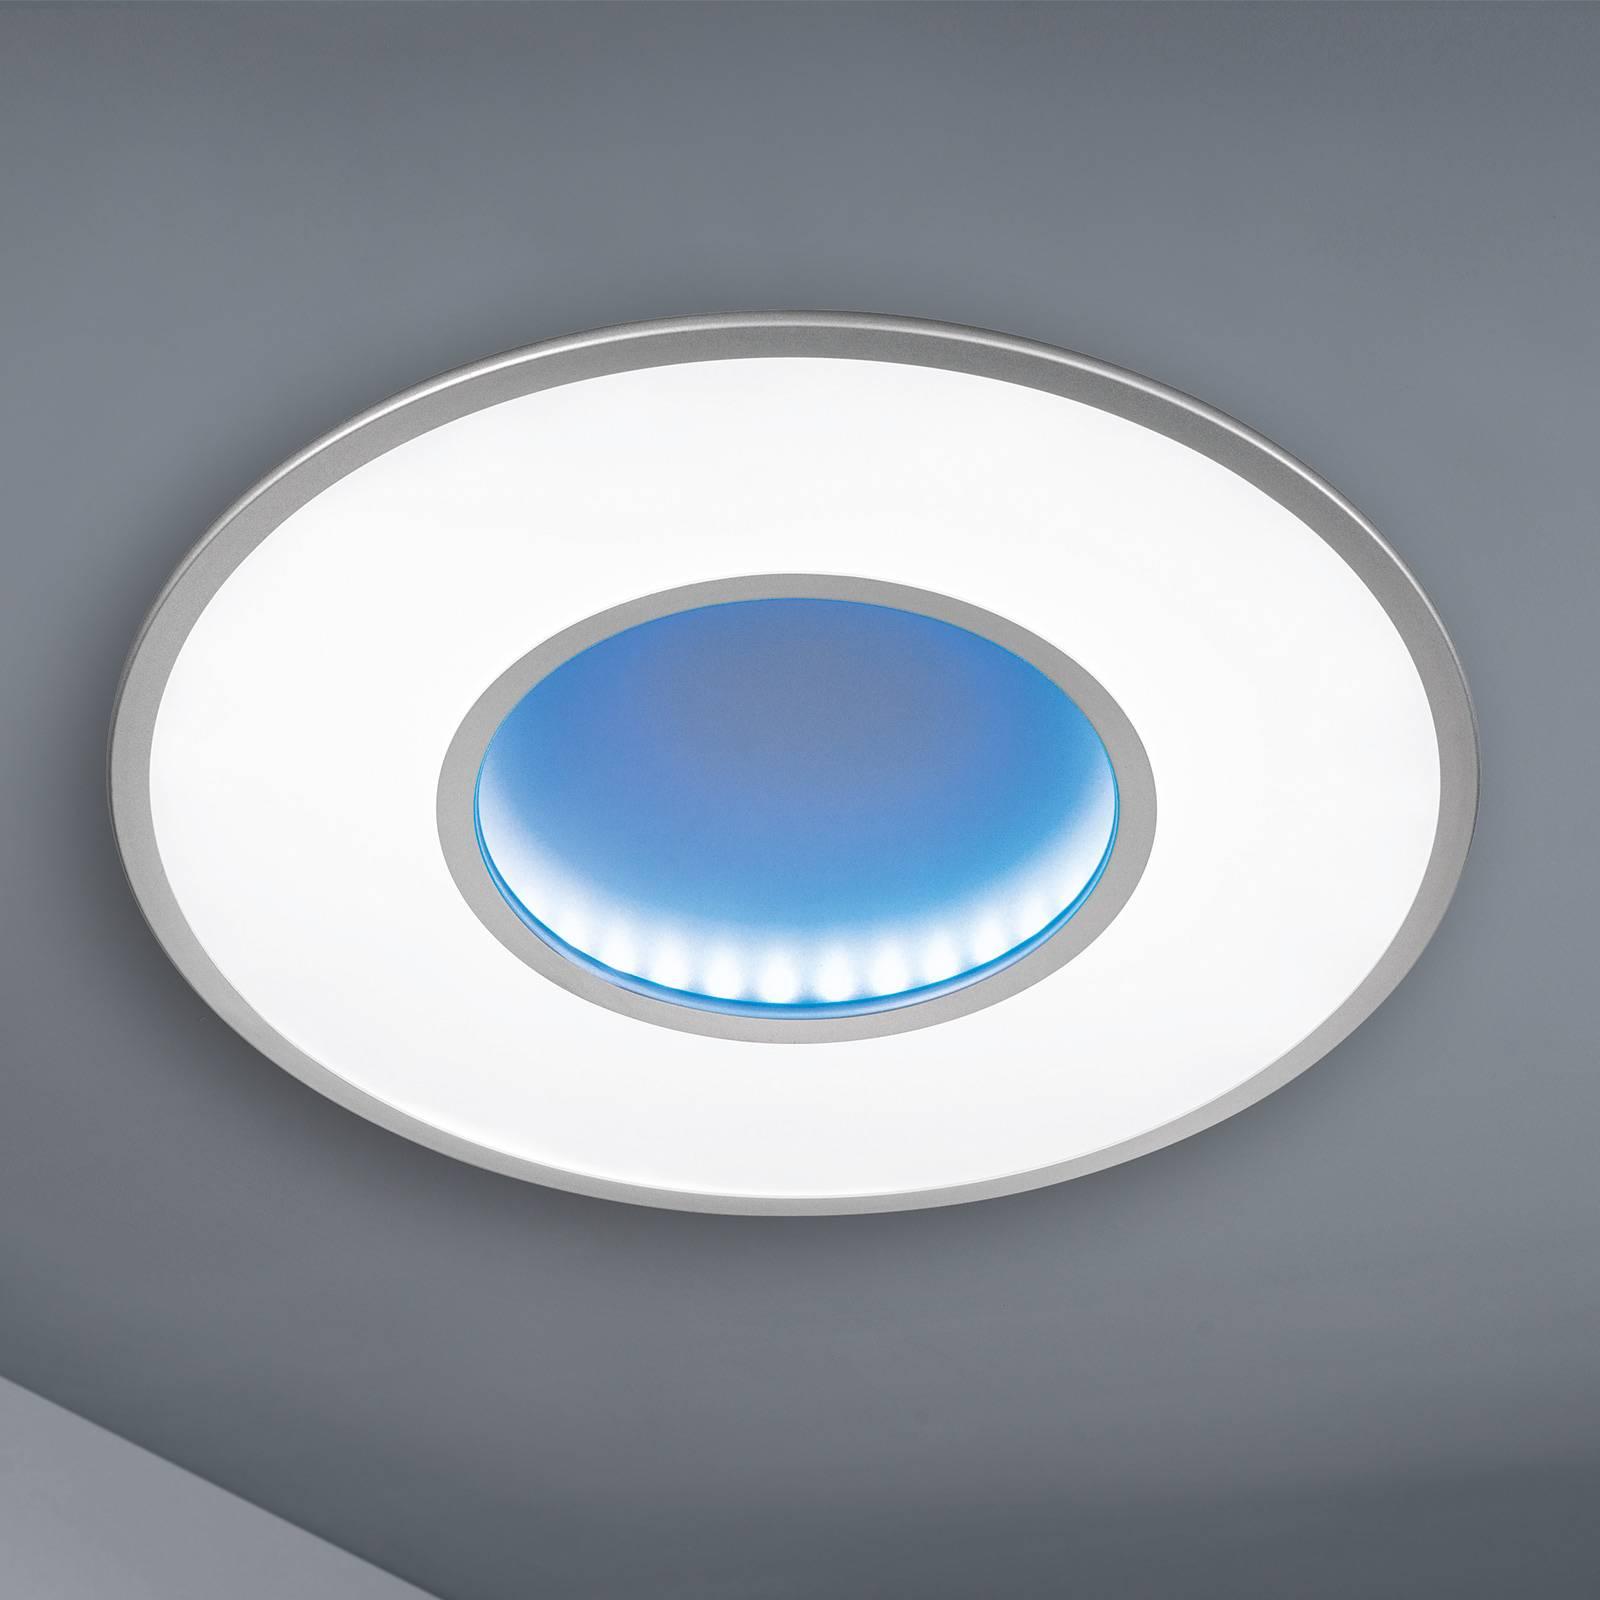 LED-kattovalaisin Jona kaukosäätimellä